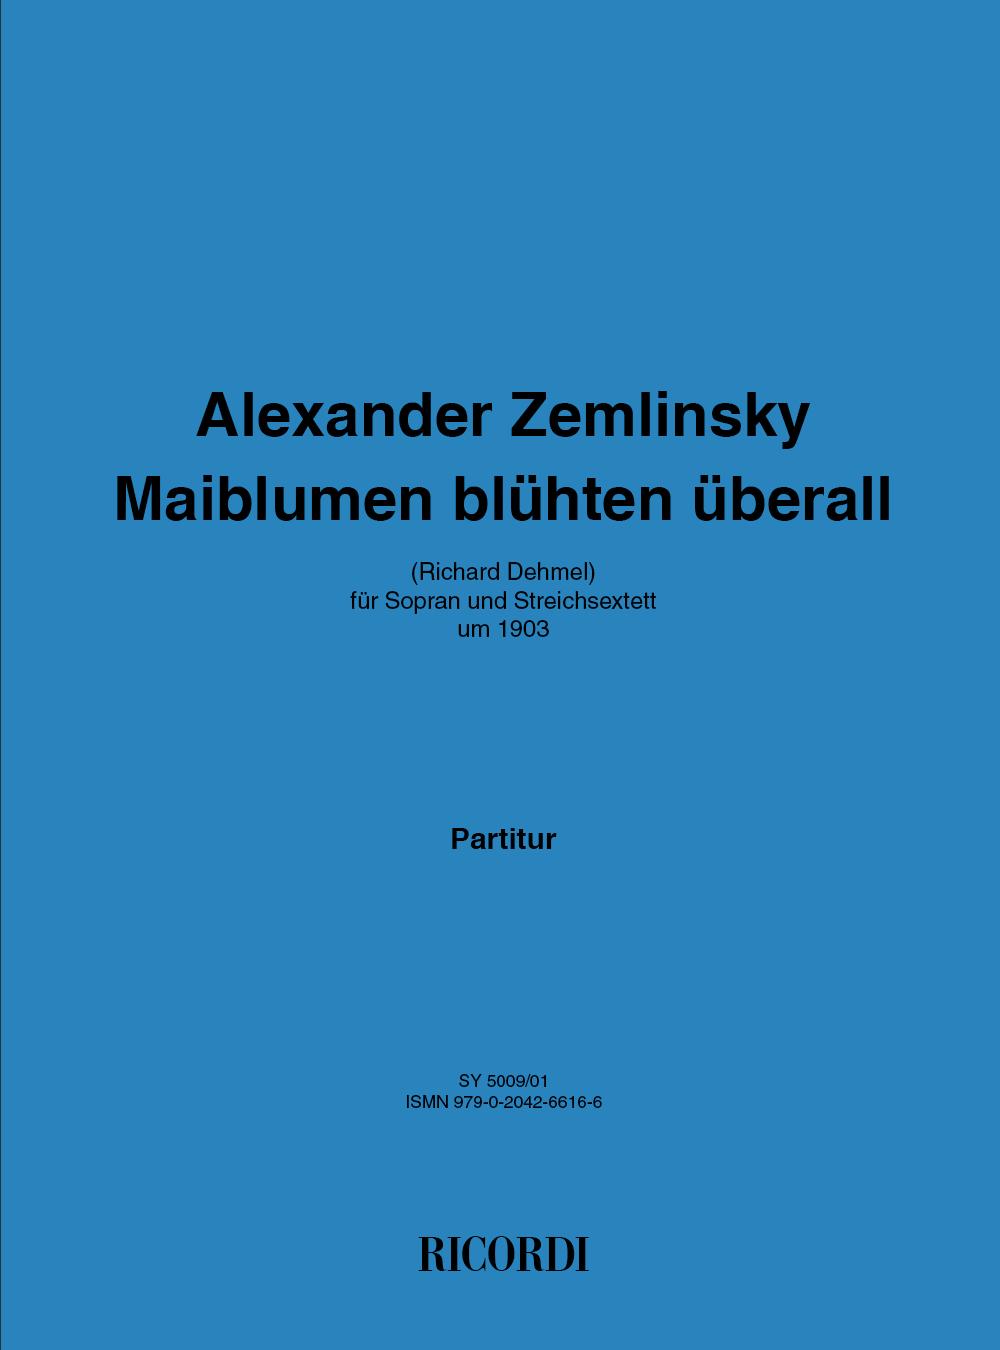 Alexander Zemlinsky: Maiblumen blühten überall: Vocal: Vocal Work